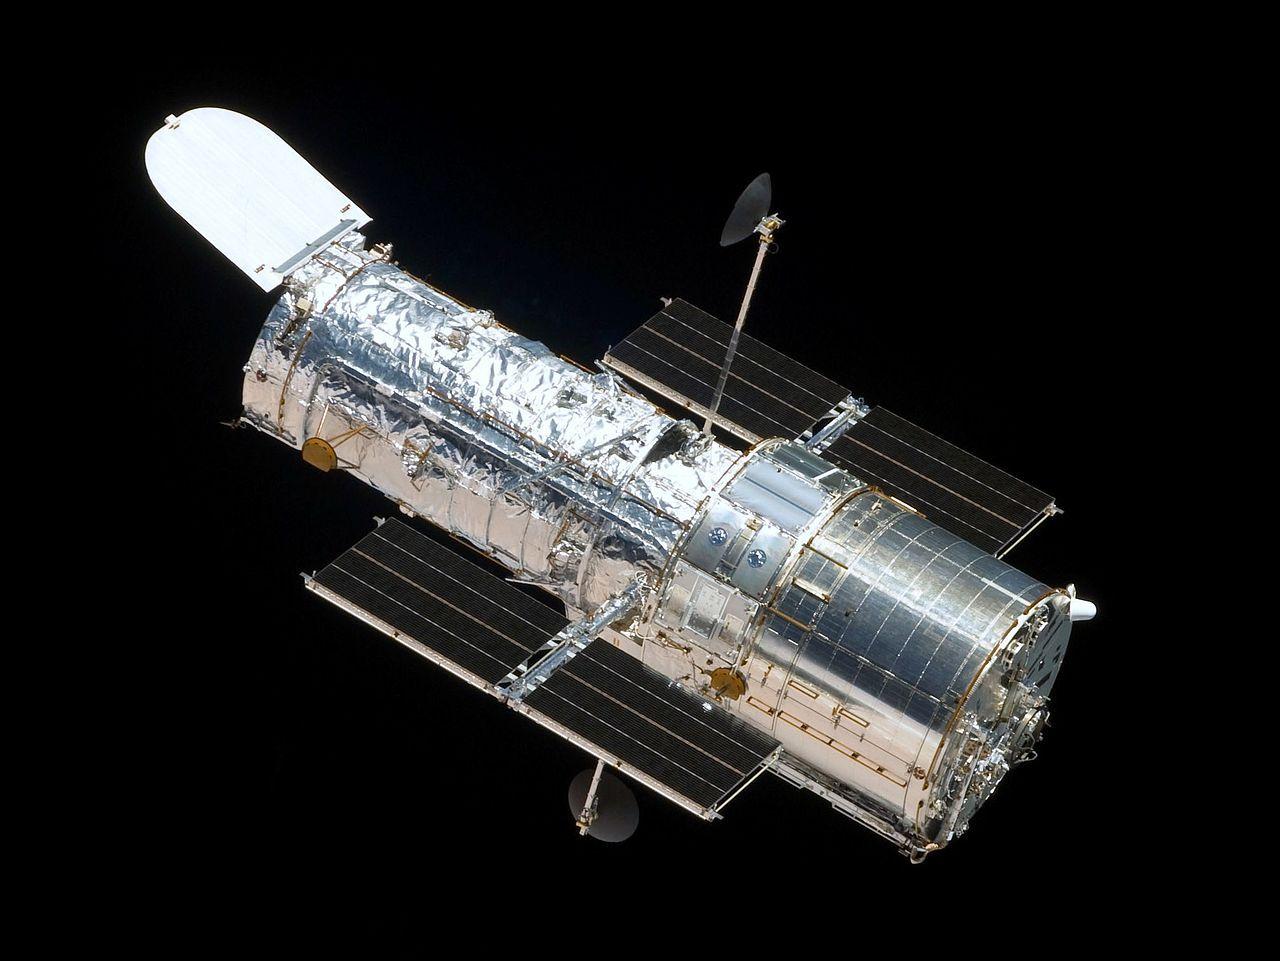 Tut i luren - Hubbleteleskopet 25 år